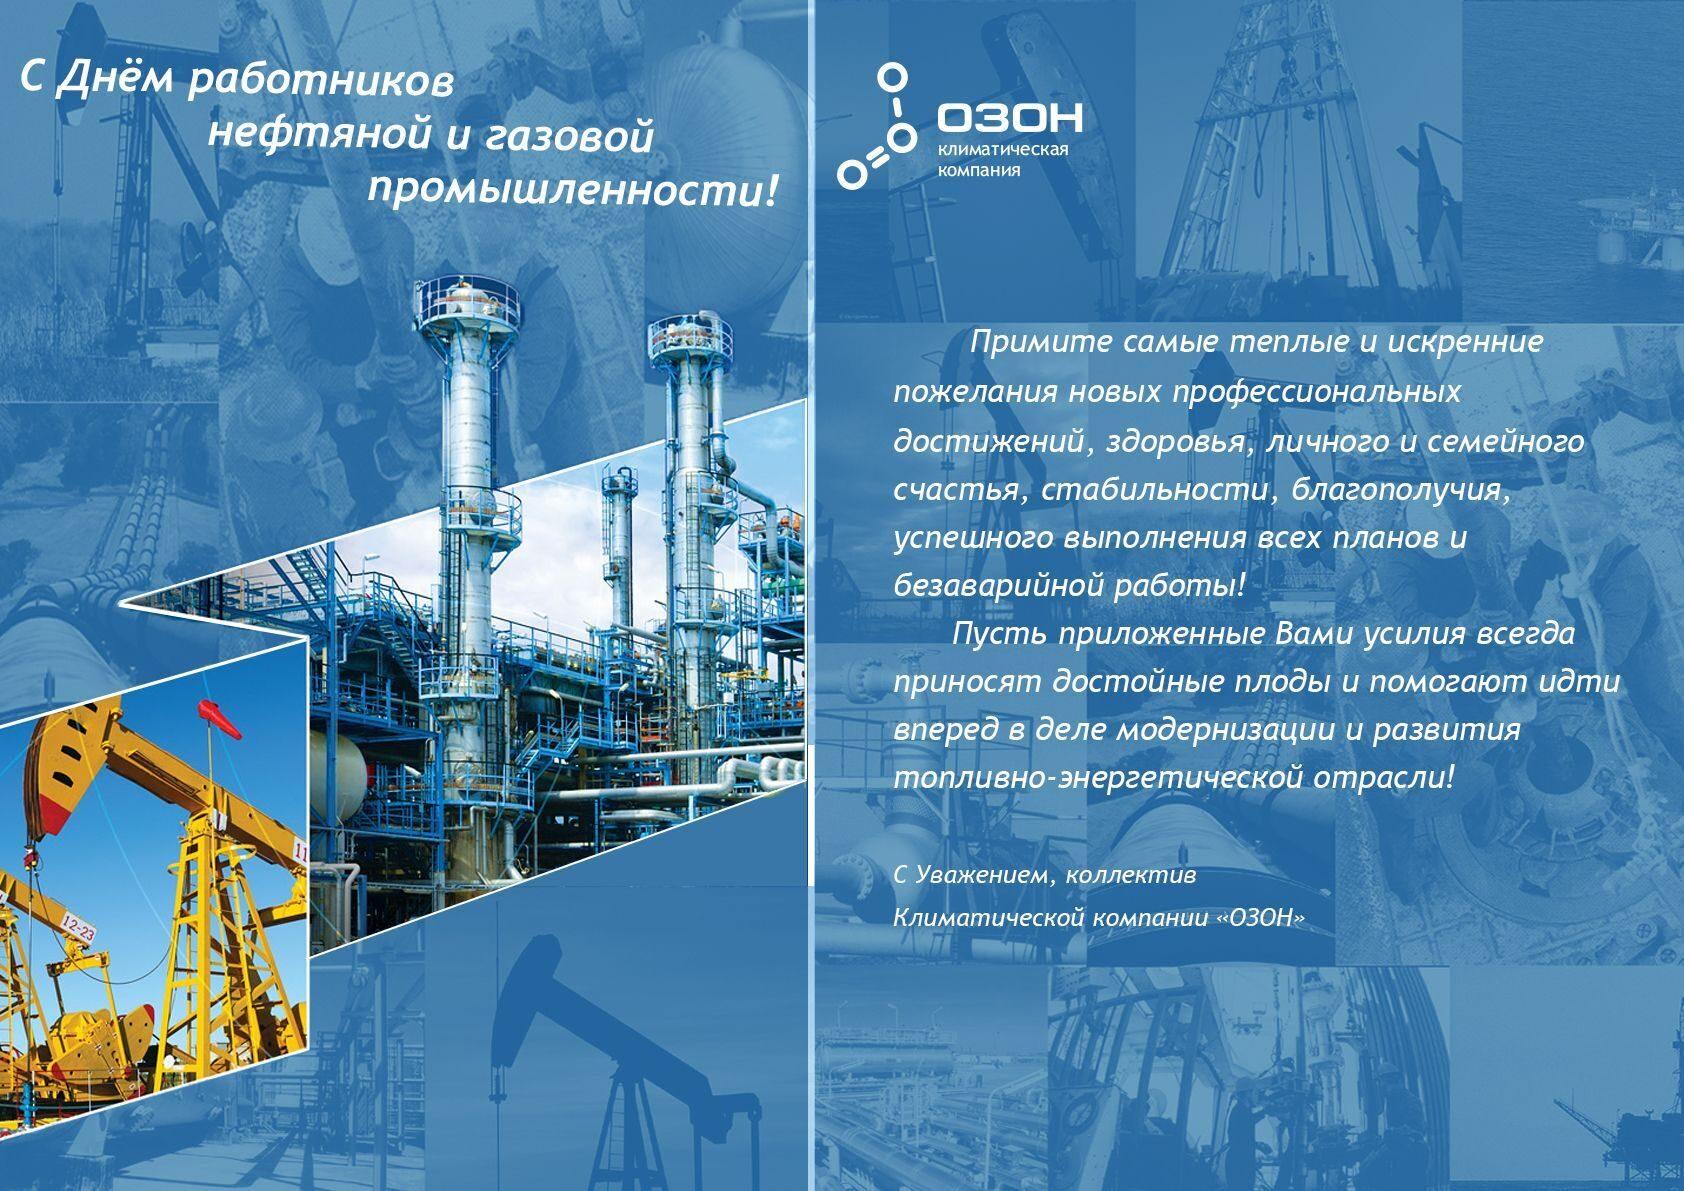 Поздравление коллектива с днем газовой промышленности 893